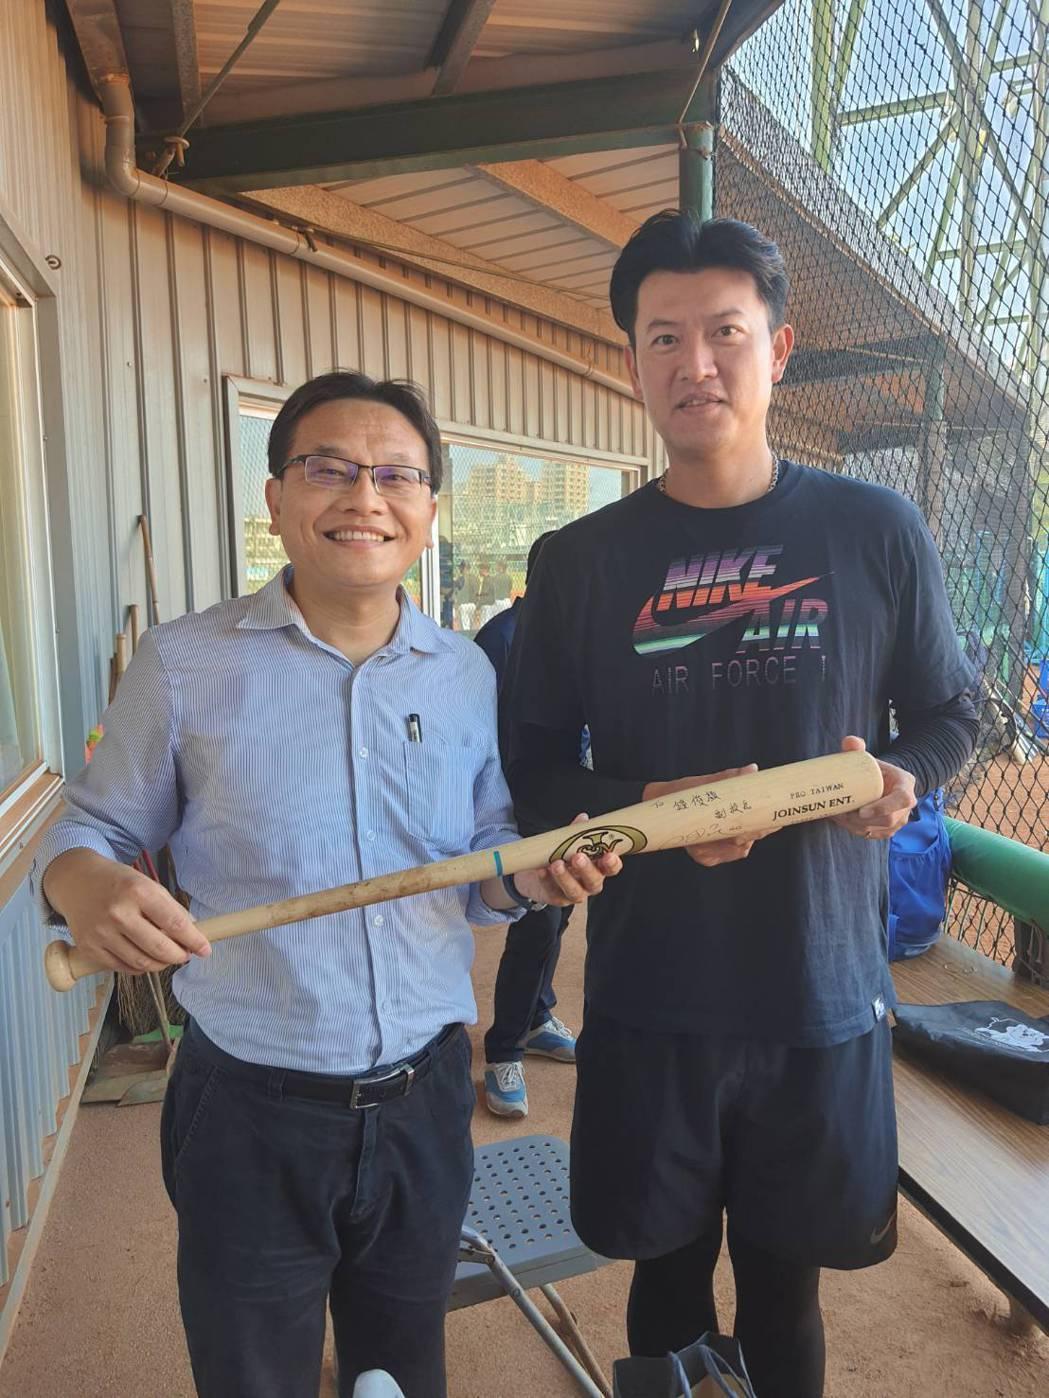 王牌投手王建民(右)贈簽名球棒予崑大行政副校長鐘俊顏(左)。 洪紹晏/翻攝